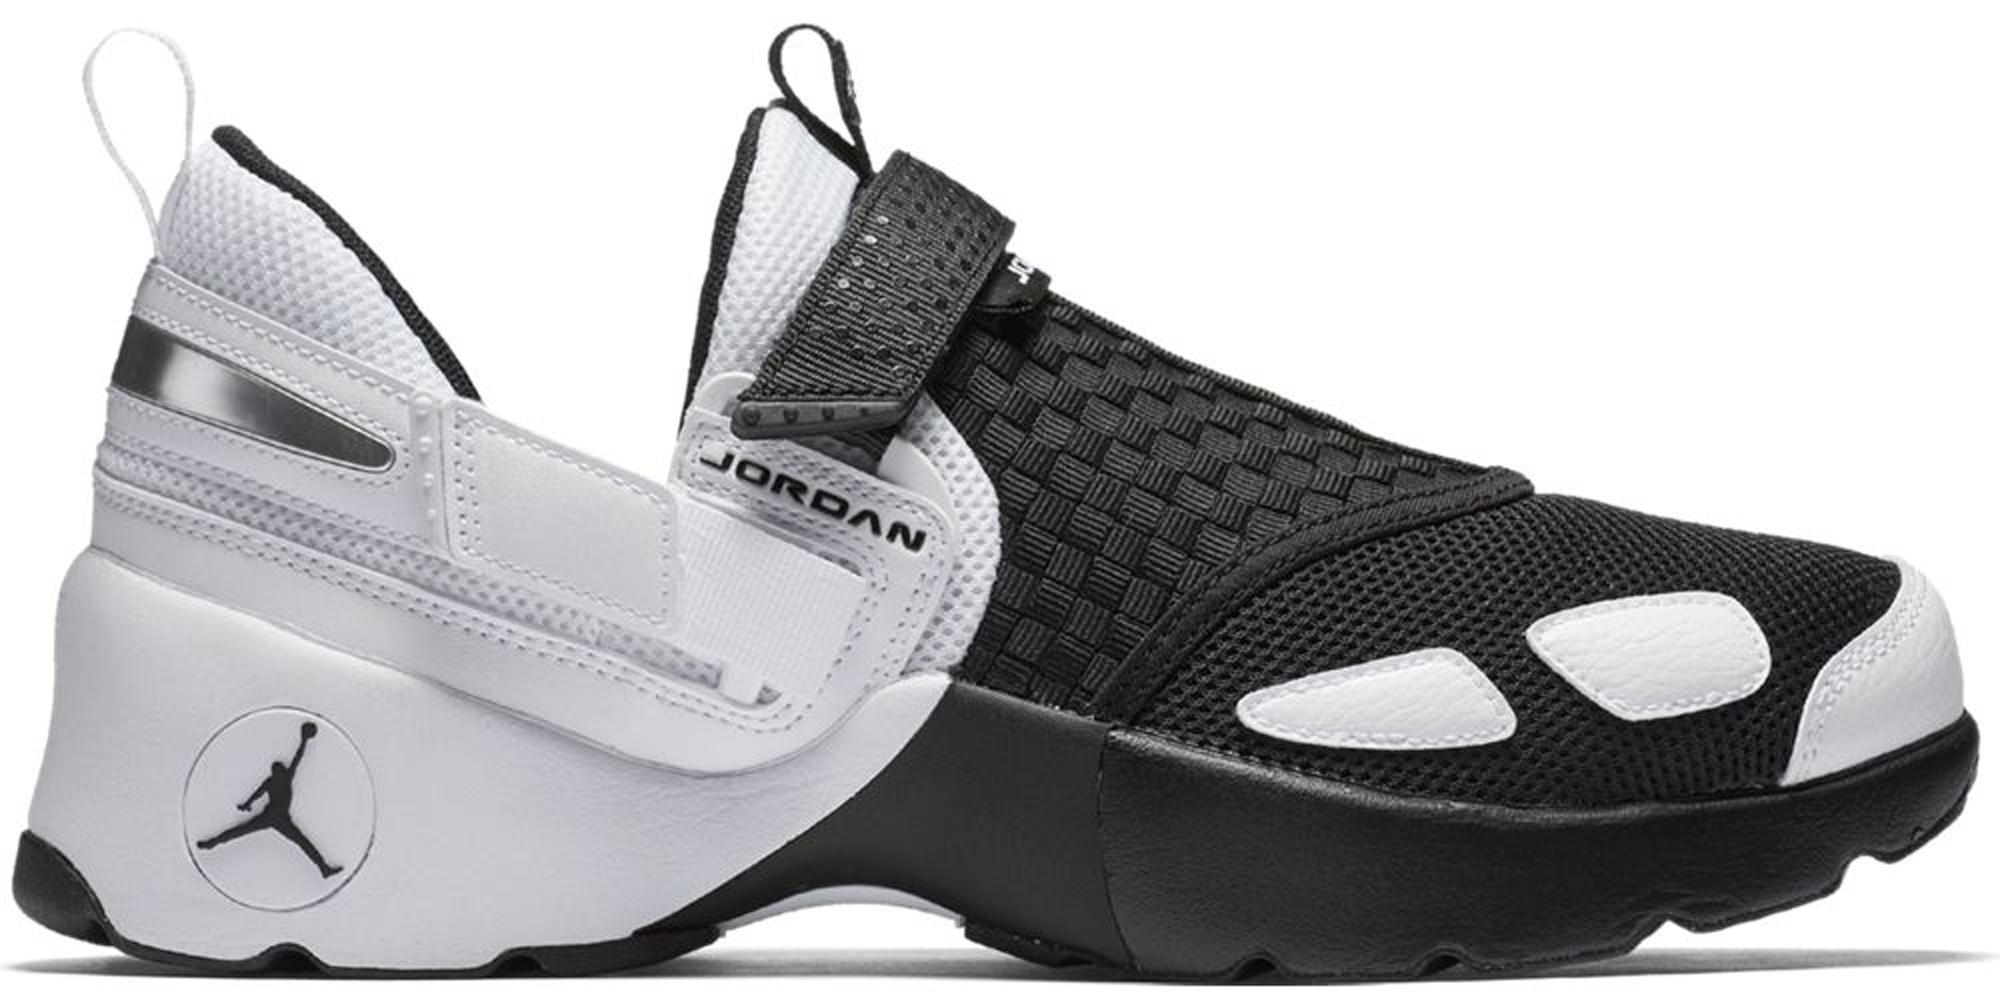 wholesale dealer 0fe6c 6b873 ... low price jordan trunner lx black white 6d212 ac532